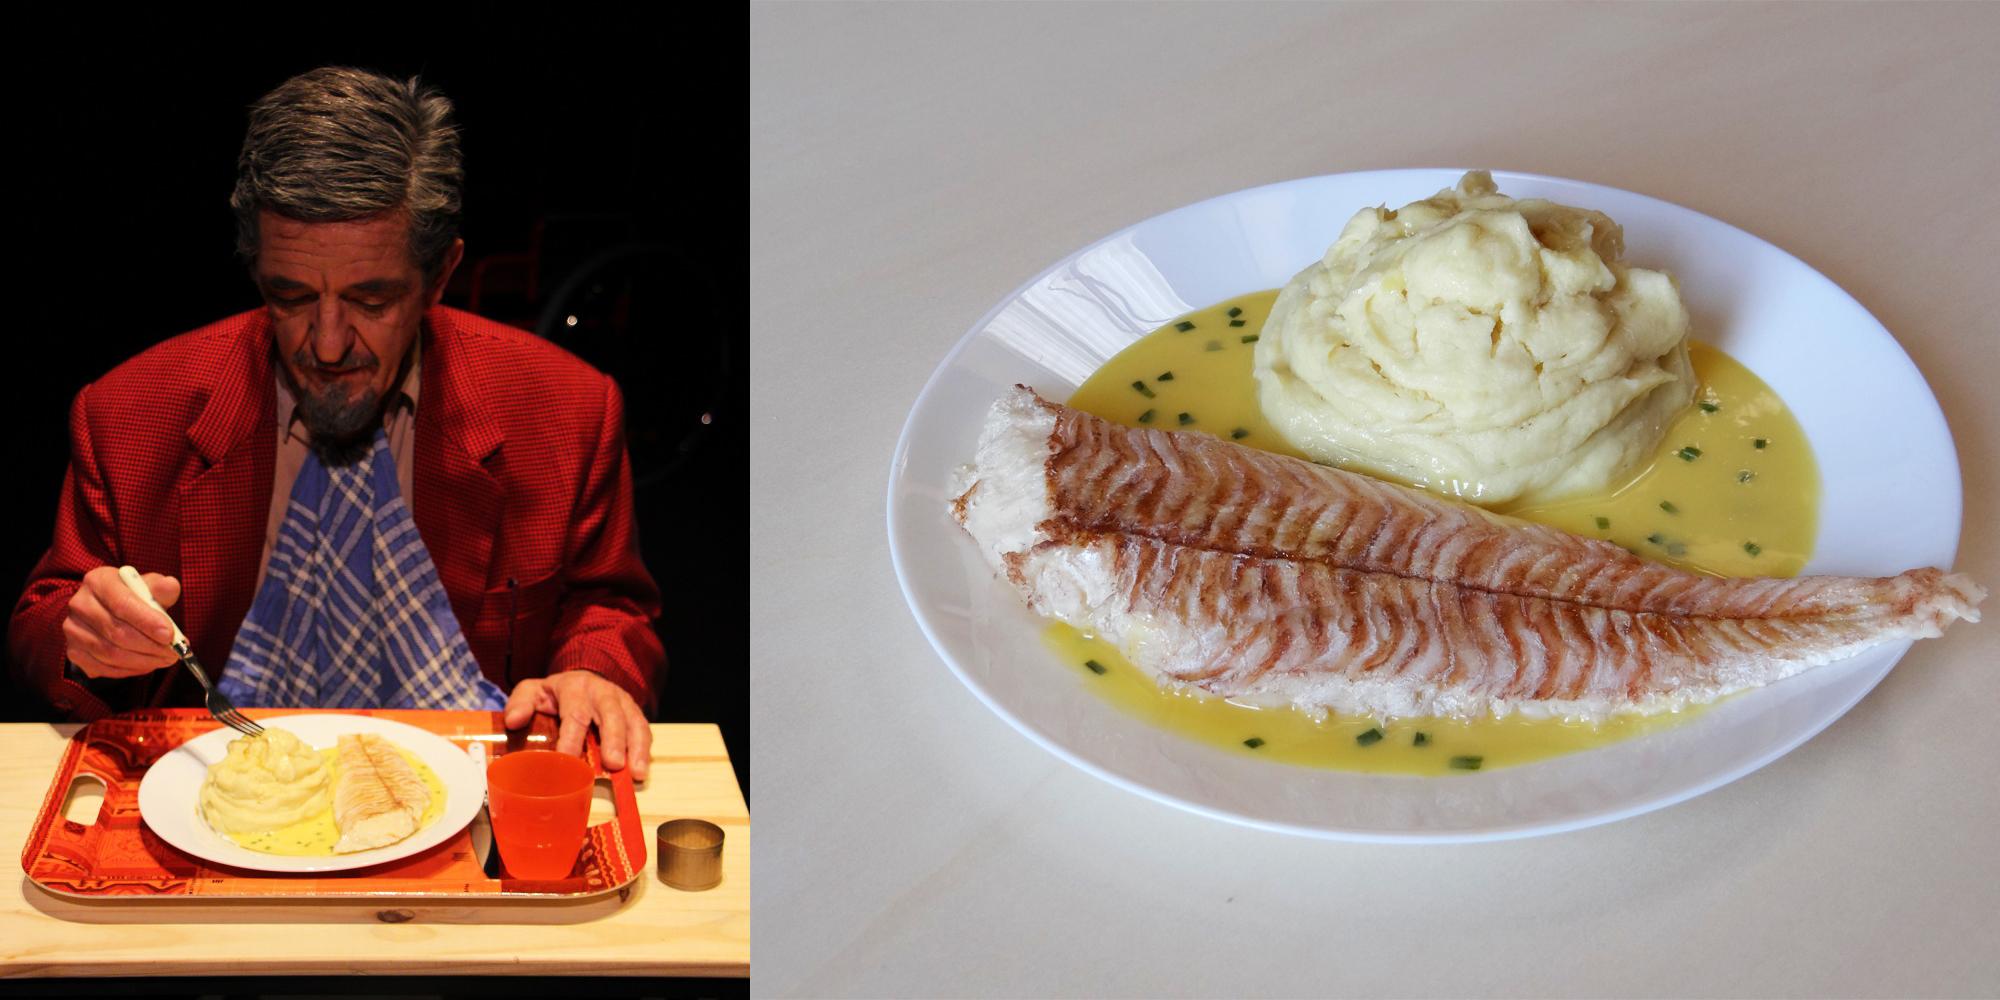 Accessoire de scène pour le théâtre : création d'un plat factice de type cantine filet de poisson avec purée au beurre